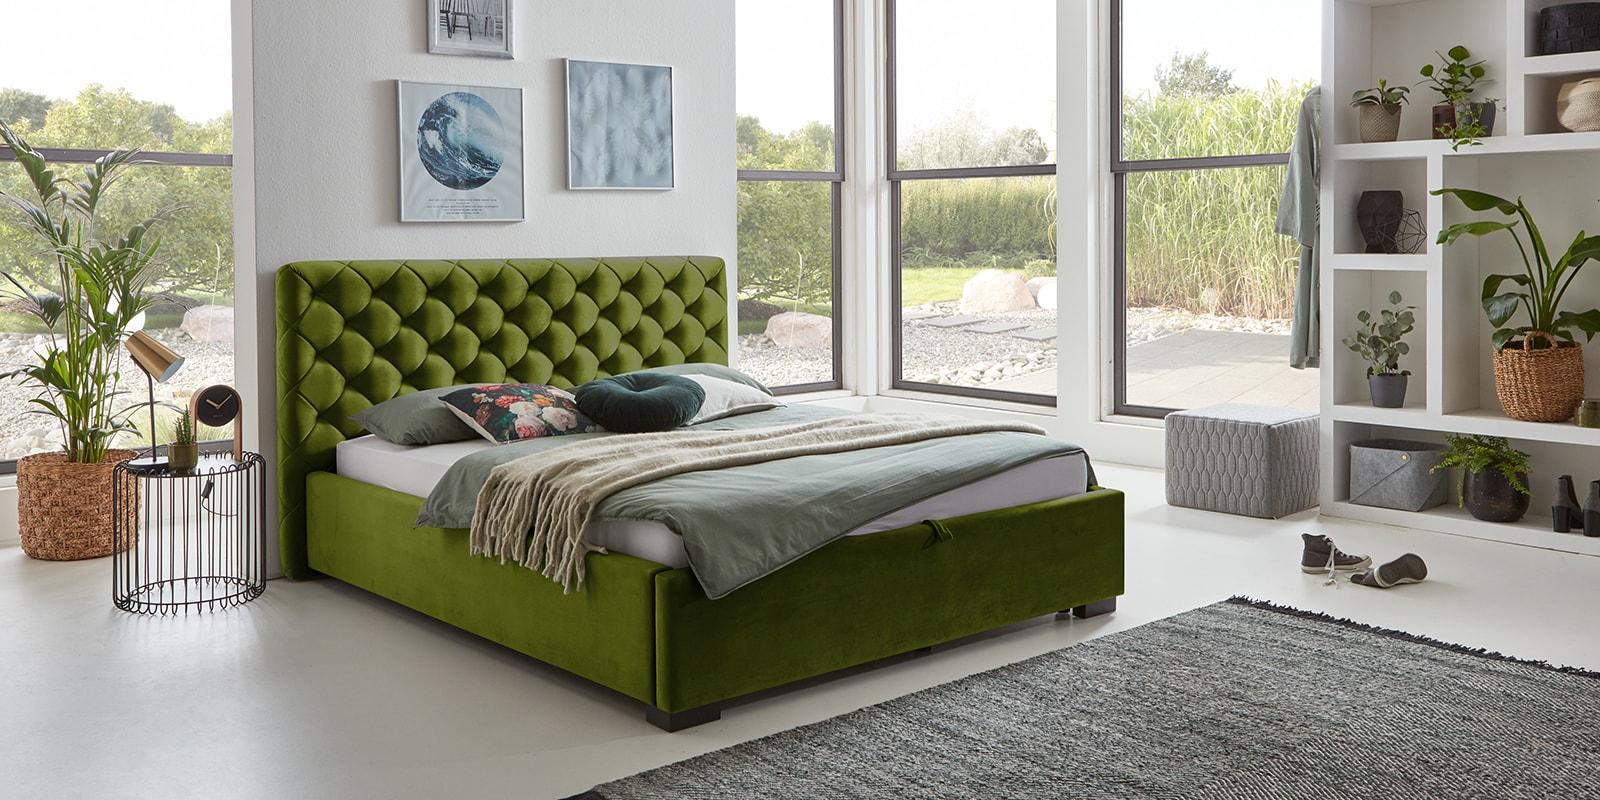 Moebella24 - Bett - mit - Bettkasten - Elsa - Samt - Oliv - Stauraum - Versteppungen - am - Kopfteil